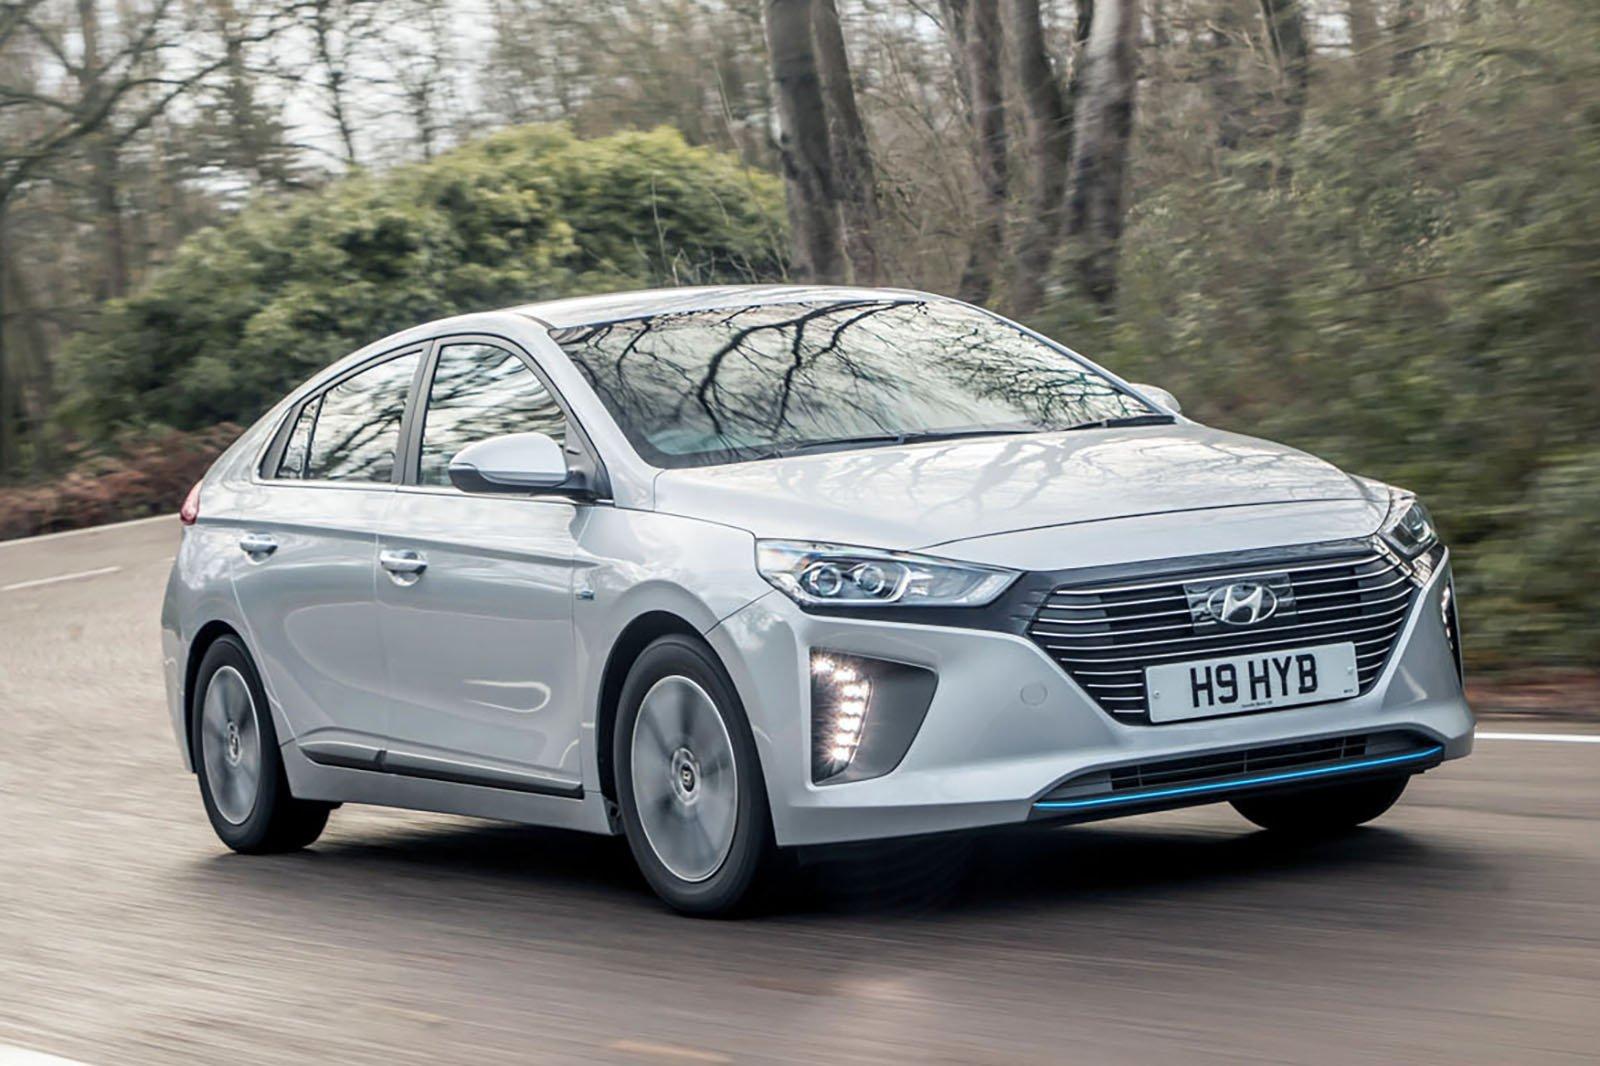 4: Hyundai Ioniq